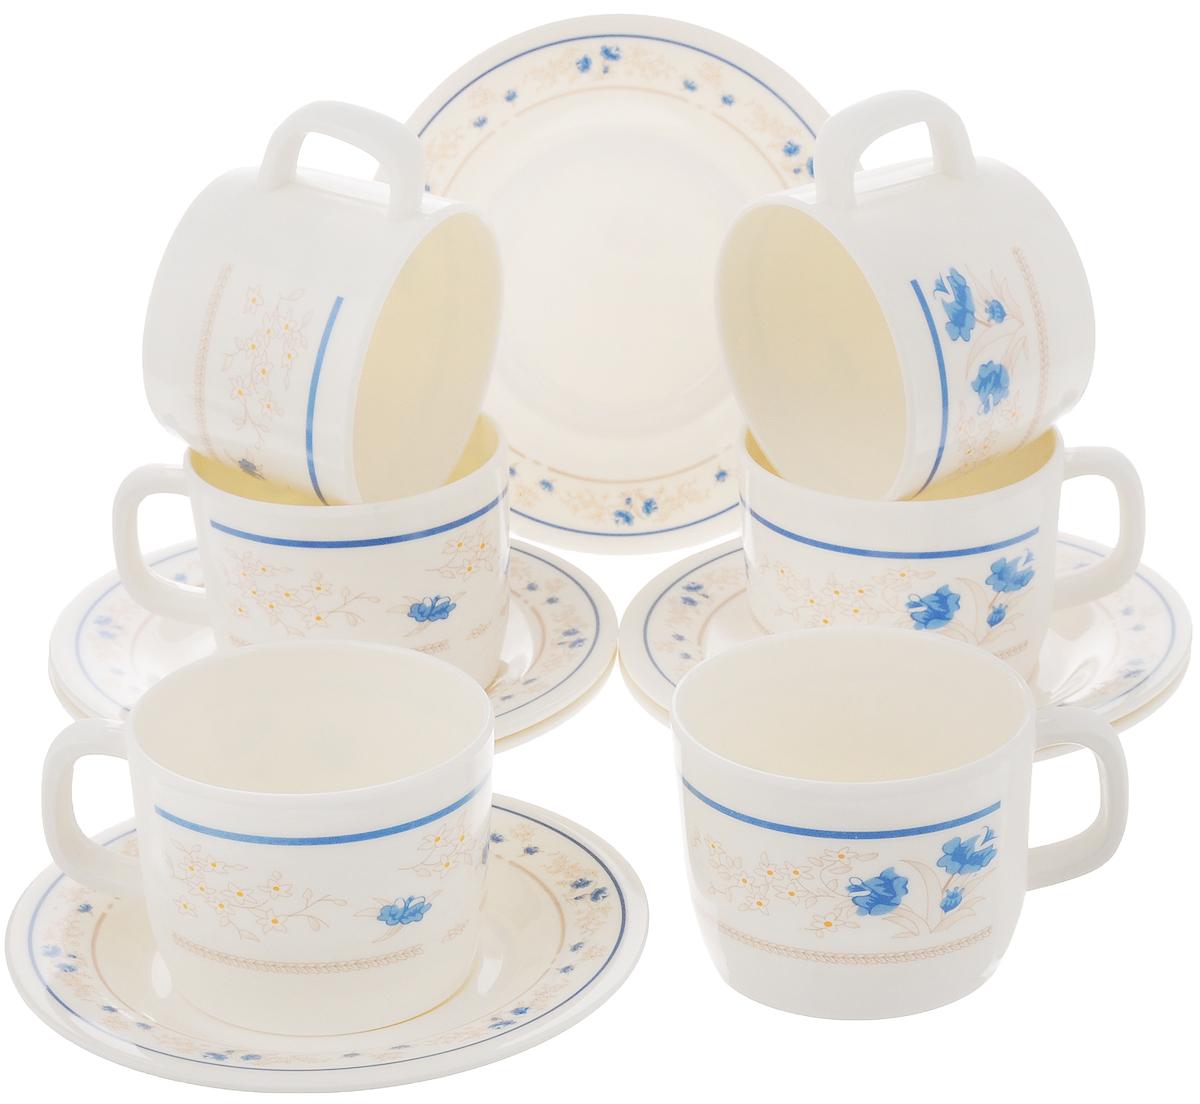 Набор чайный Calve, цвет: белый, синий, 12 предметов115510Чайный набор Calve состоит из шести чашек и шести блюдец, выполненных из меламина. Изделия оформлены ярким рисунком. Изящный набор эффектно украсит стол к чаепитию и порадует вас функциональностью и ярким дизайном. Можно мыть в посудомоечной машине.Диаметр чашки (по верхнему краю): 8 см.Высота чашки: 6 см.Объем чашки: 240 мл. Диаметр блюдца: 14,5 см.Высота блюдца: 1,5 см.